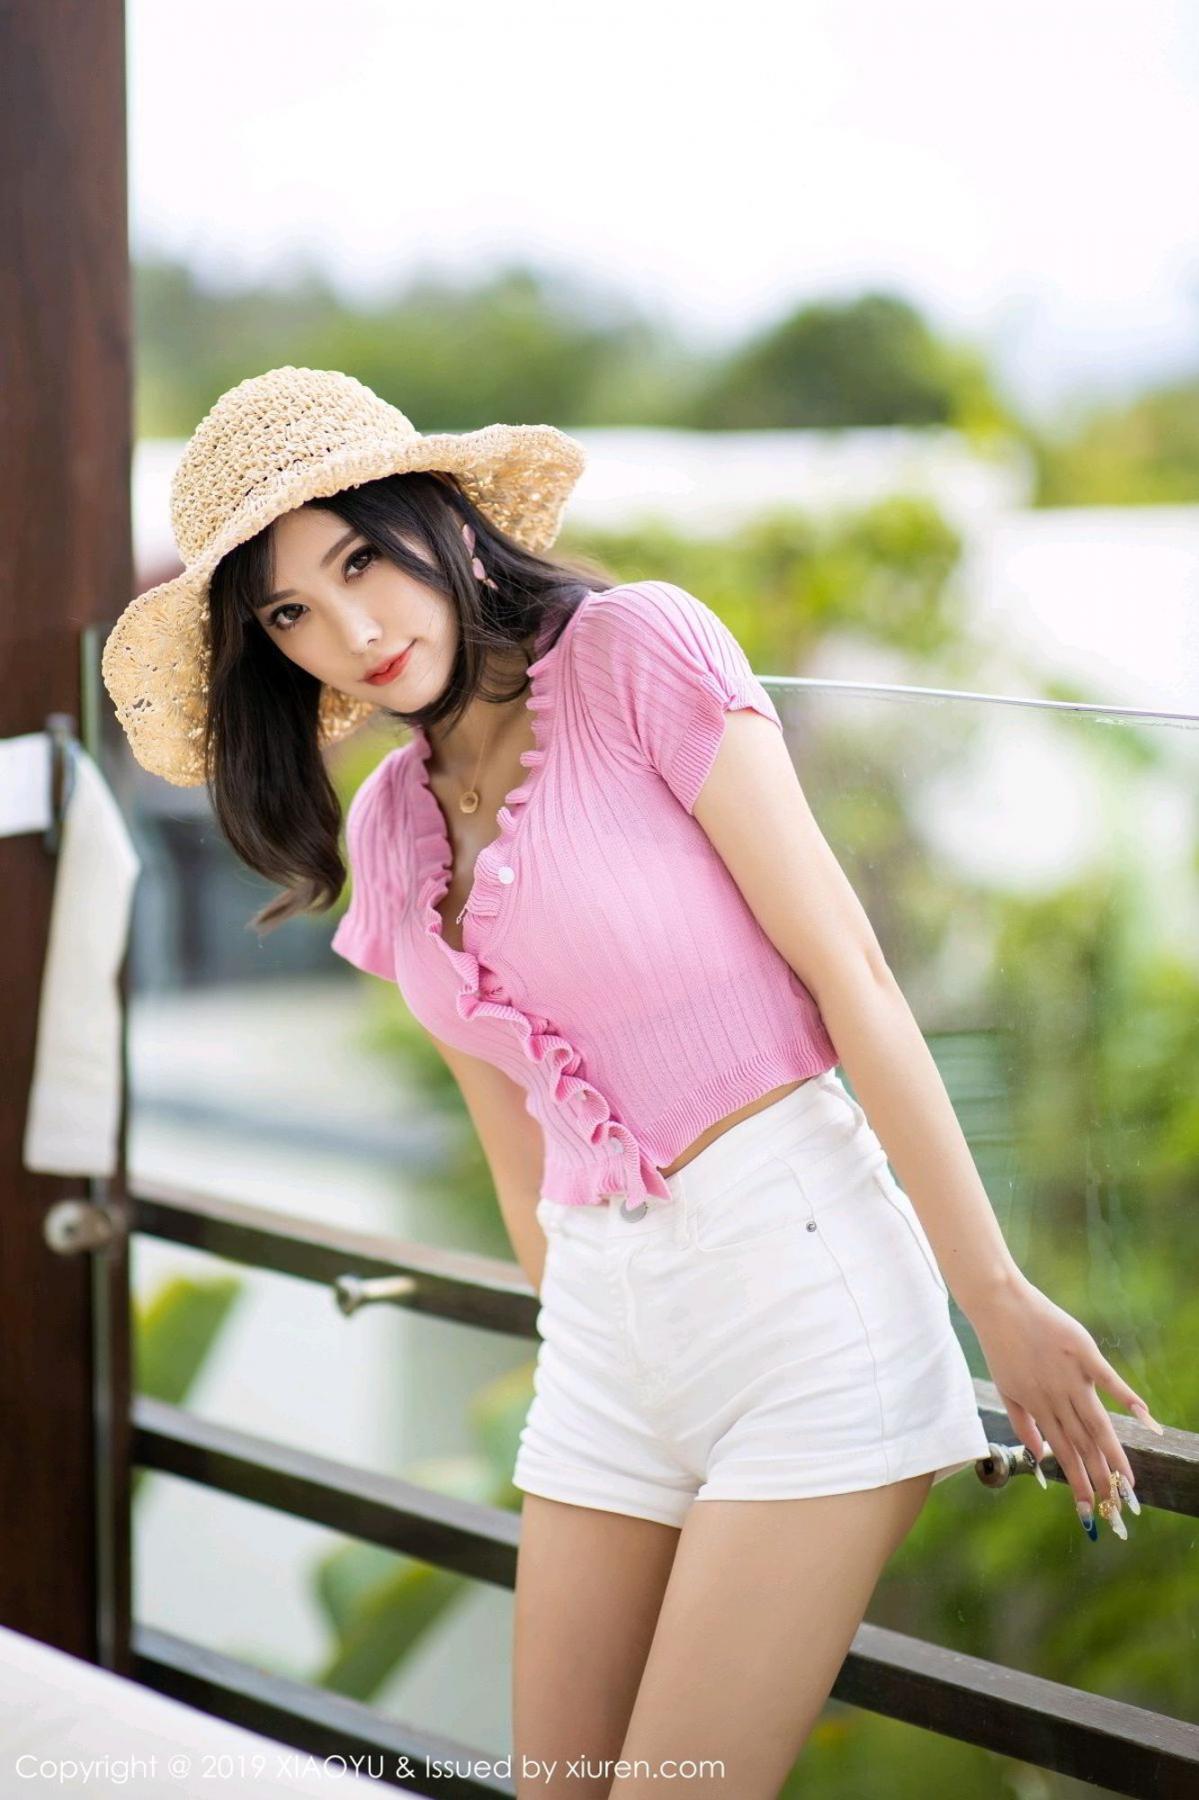 [XiaoYu] Vol.169 Yang Chen Chen 5P, Outdoor, Underwear, XiaoYu, Yang Chen Chen